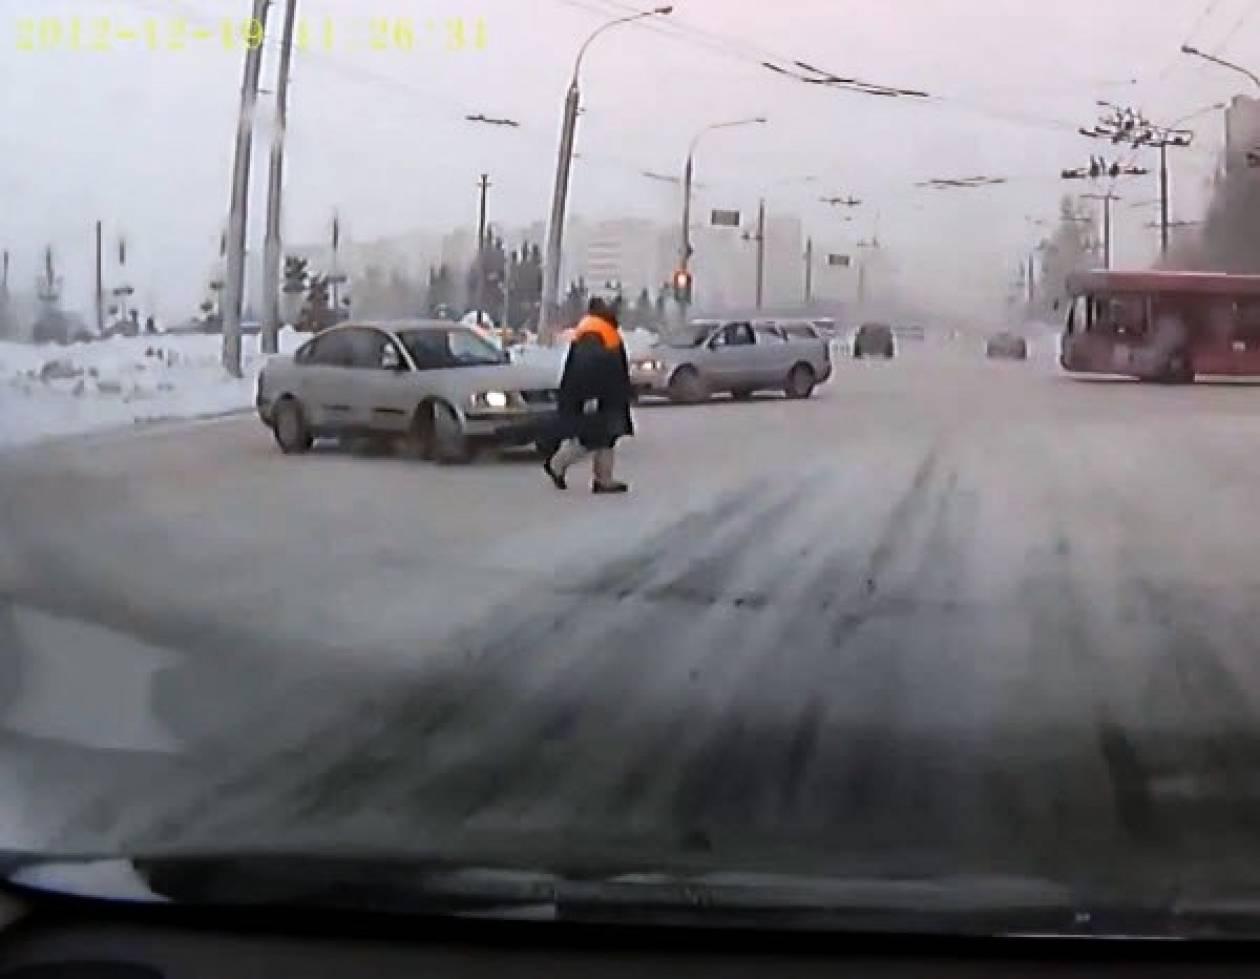 Βίντεο: Δεν έχει μείνει όχημα στη Ρωσία